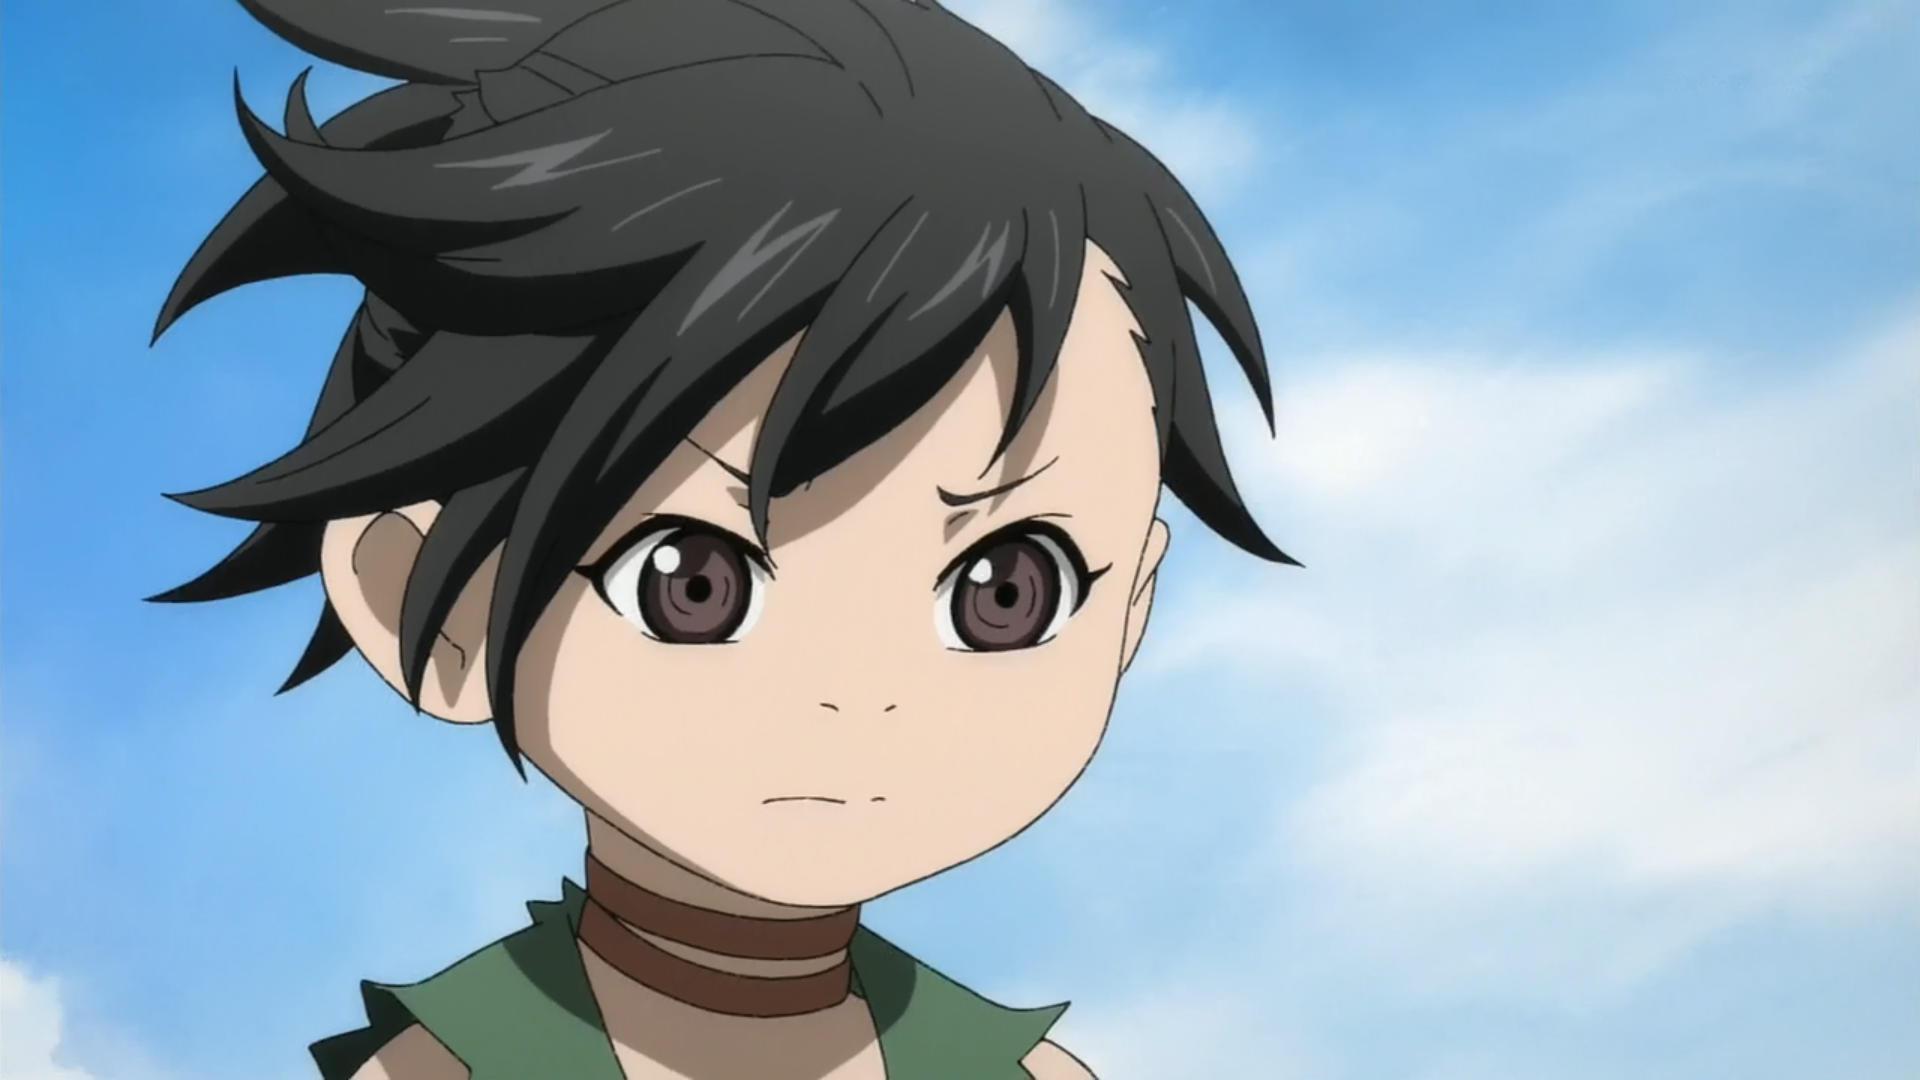 Tvアニメ どろろ 第16話 しらぬいの巻 感想 作品情報 ネタバレ